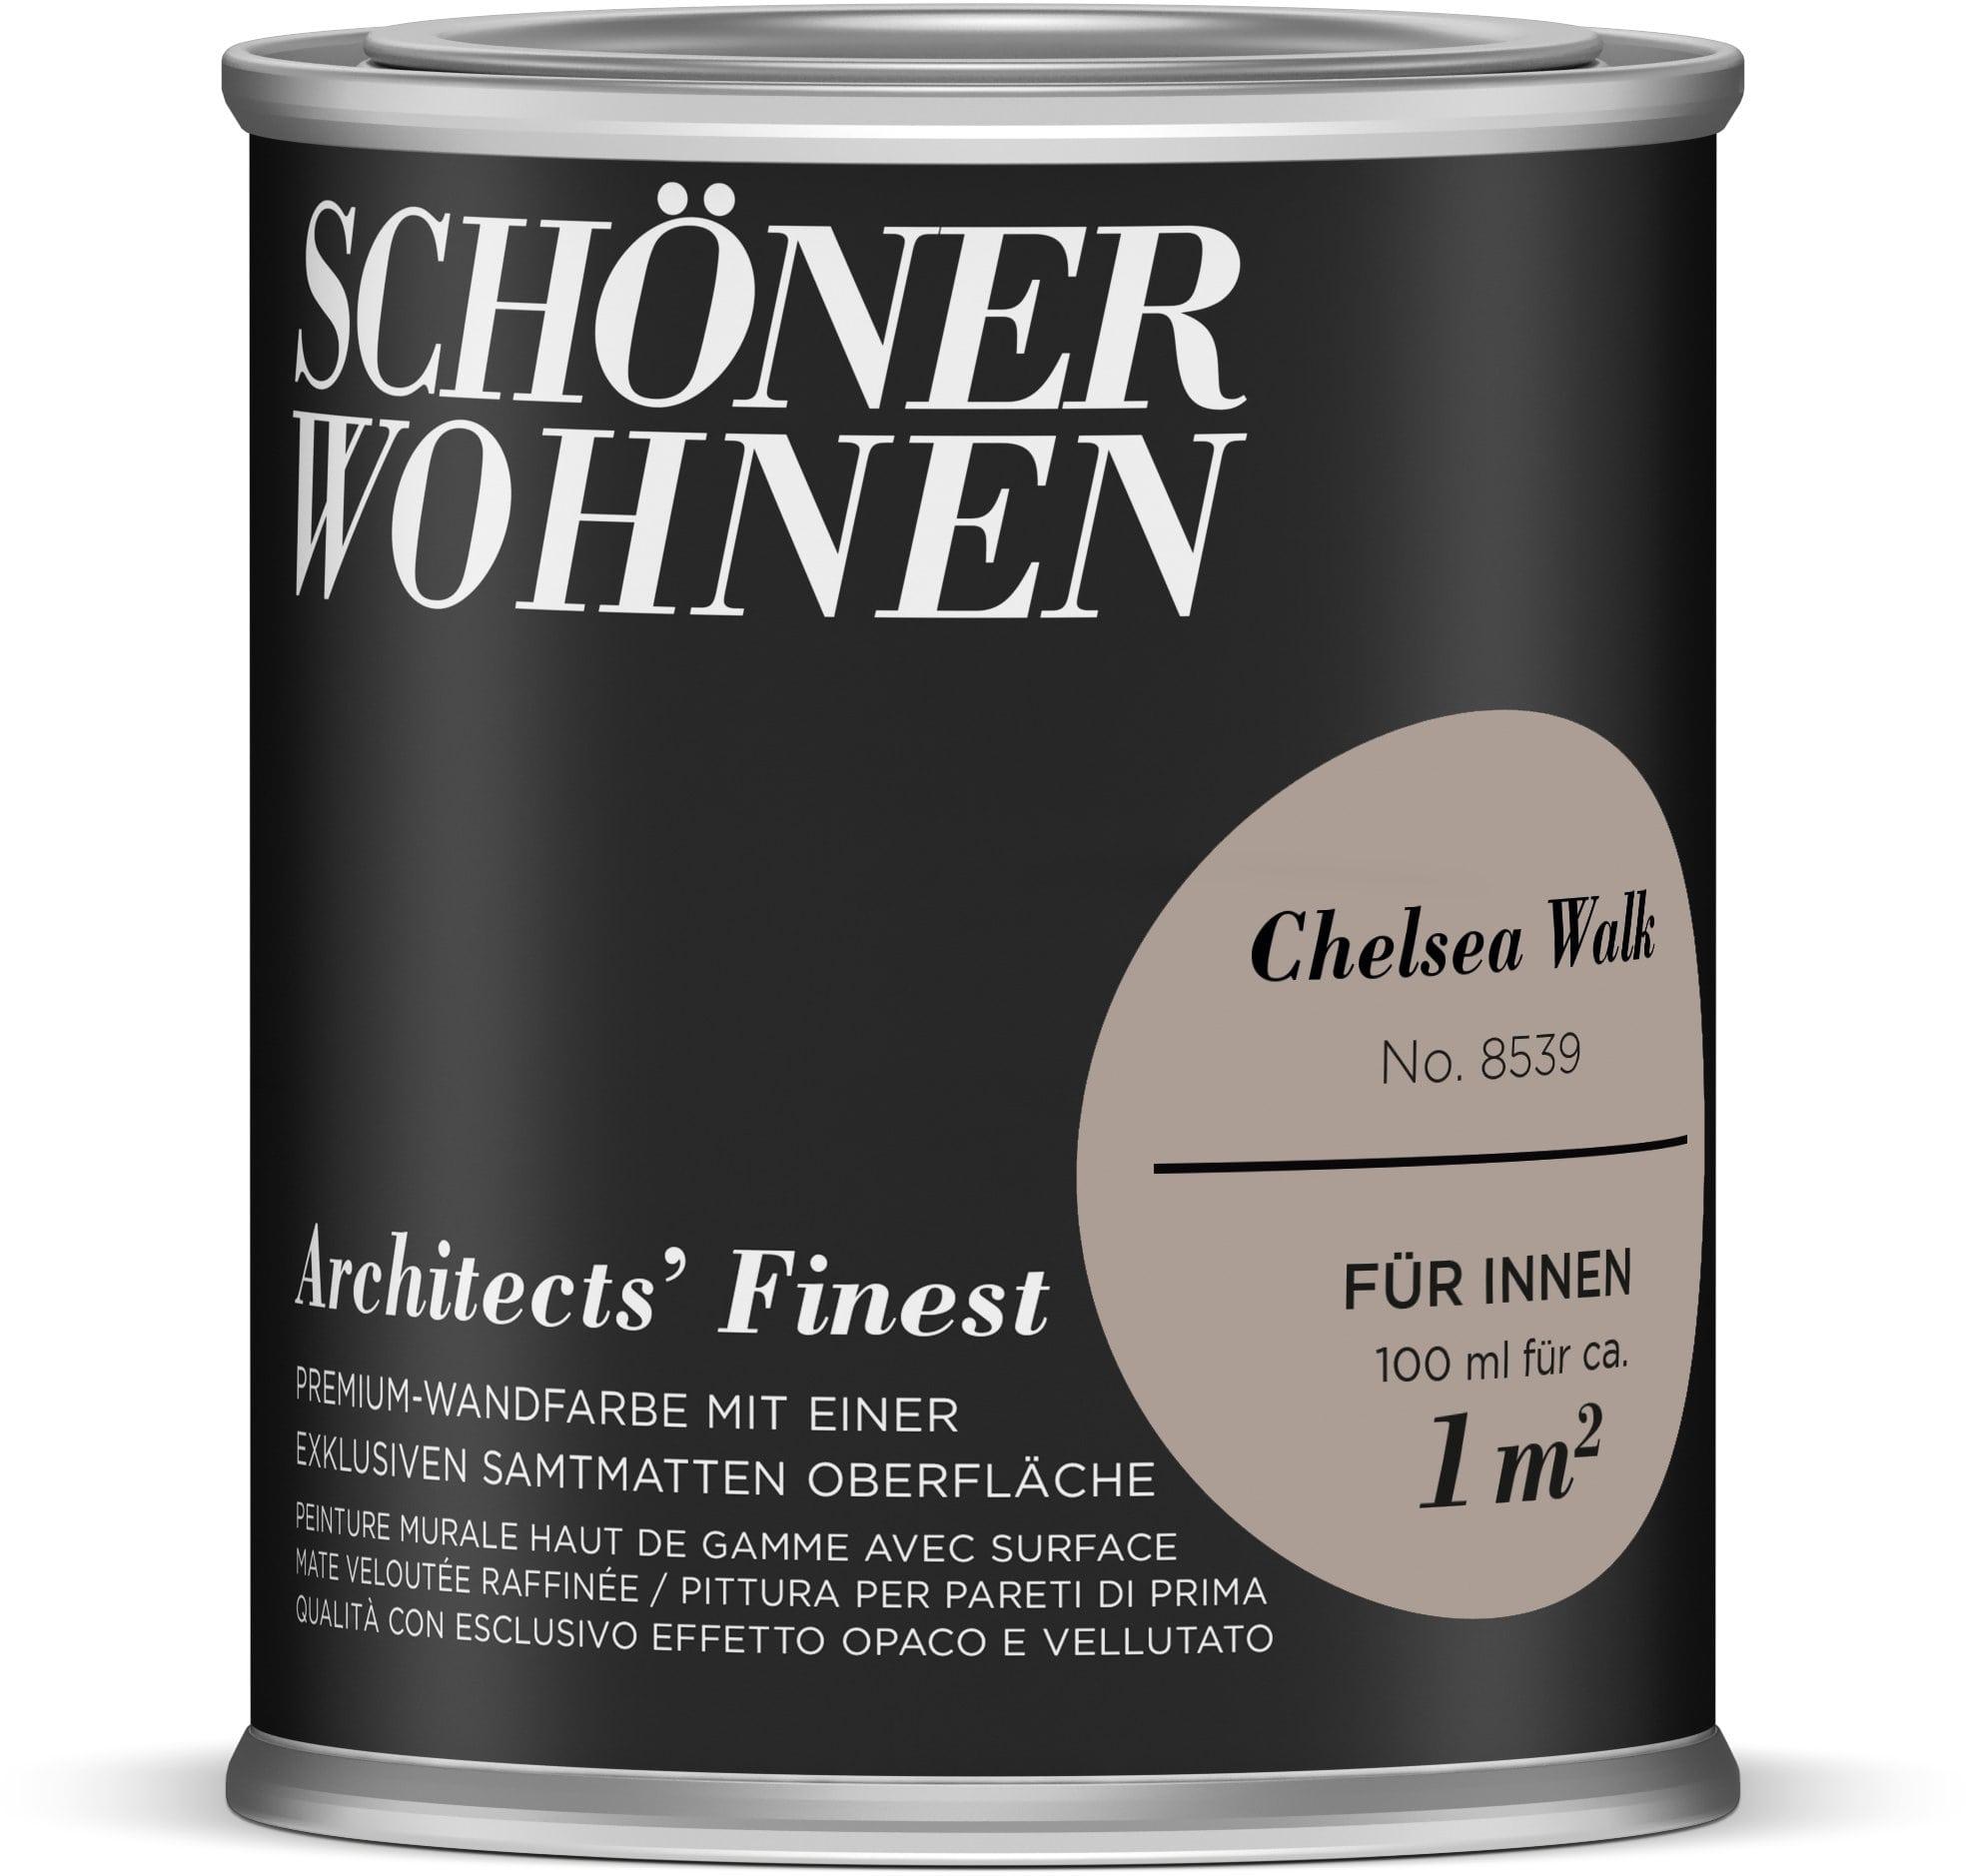 Schöner Wohnen Architects' Finest Chelsea Walk 100 ml